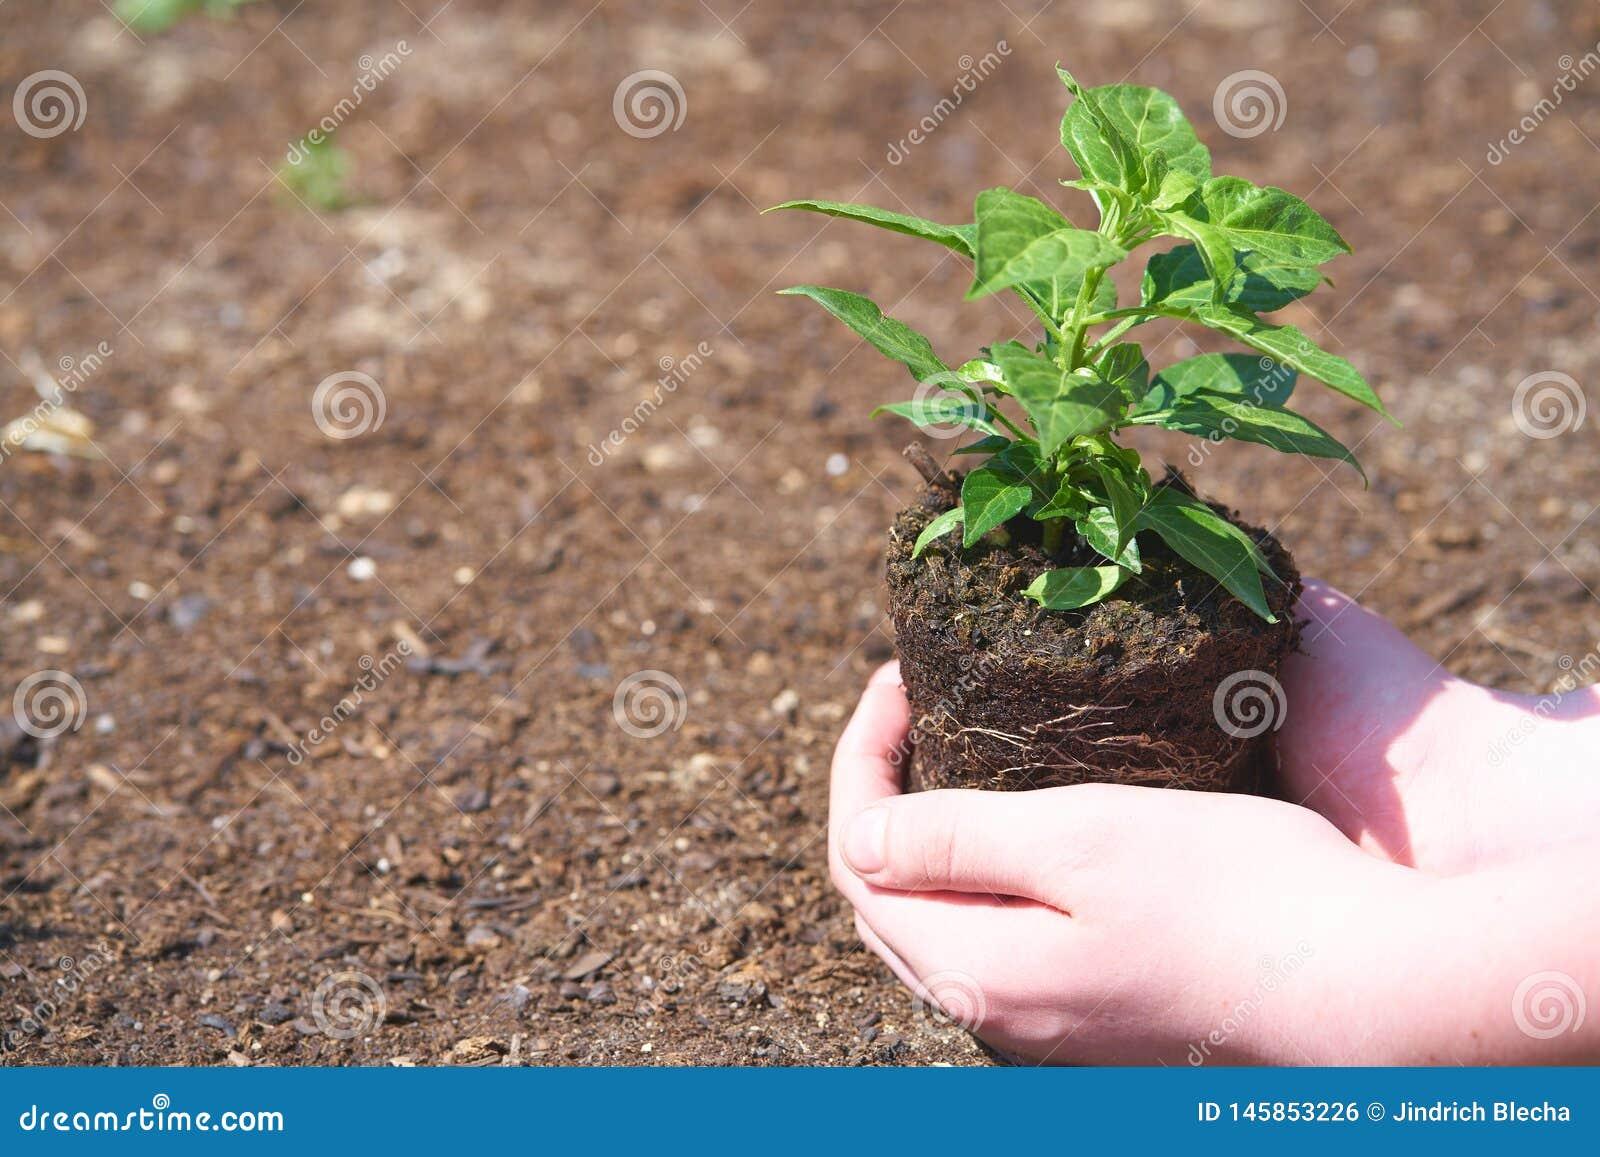 Ein Kind mit kleiner Gr?npflanze